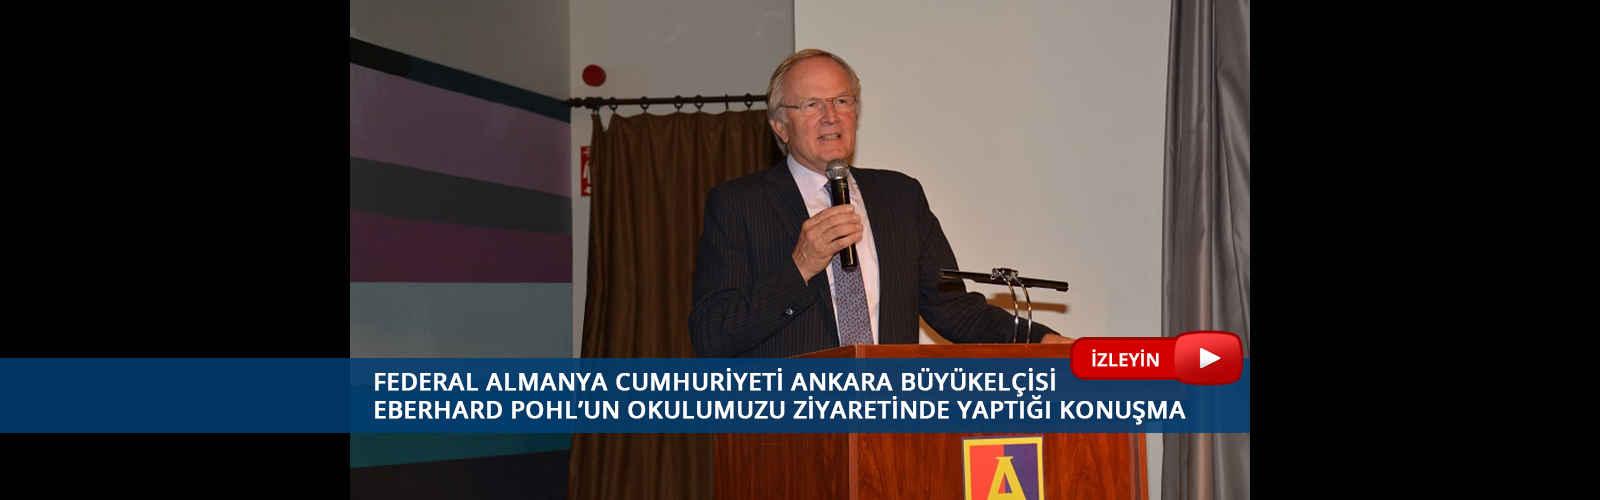 Federal Almanya Cumhuriyeti Ankara Büyükelçisi Eberhard Pohl'un okulumuzu ziyaretinde yaptığı konuşma